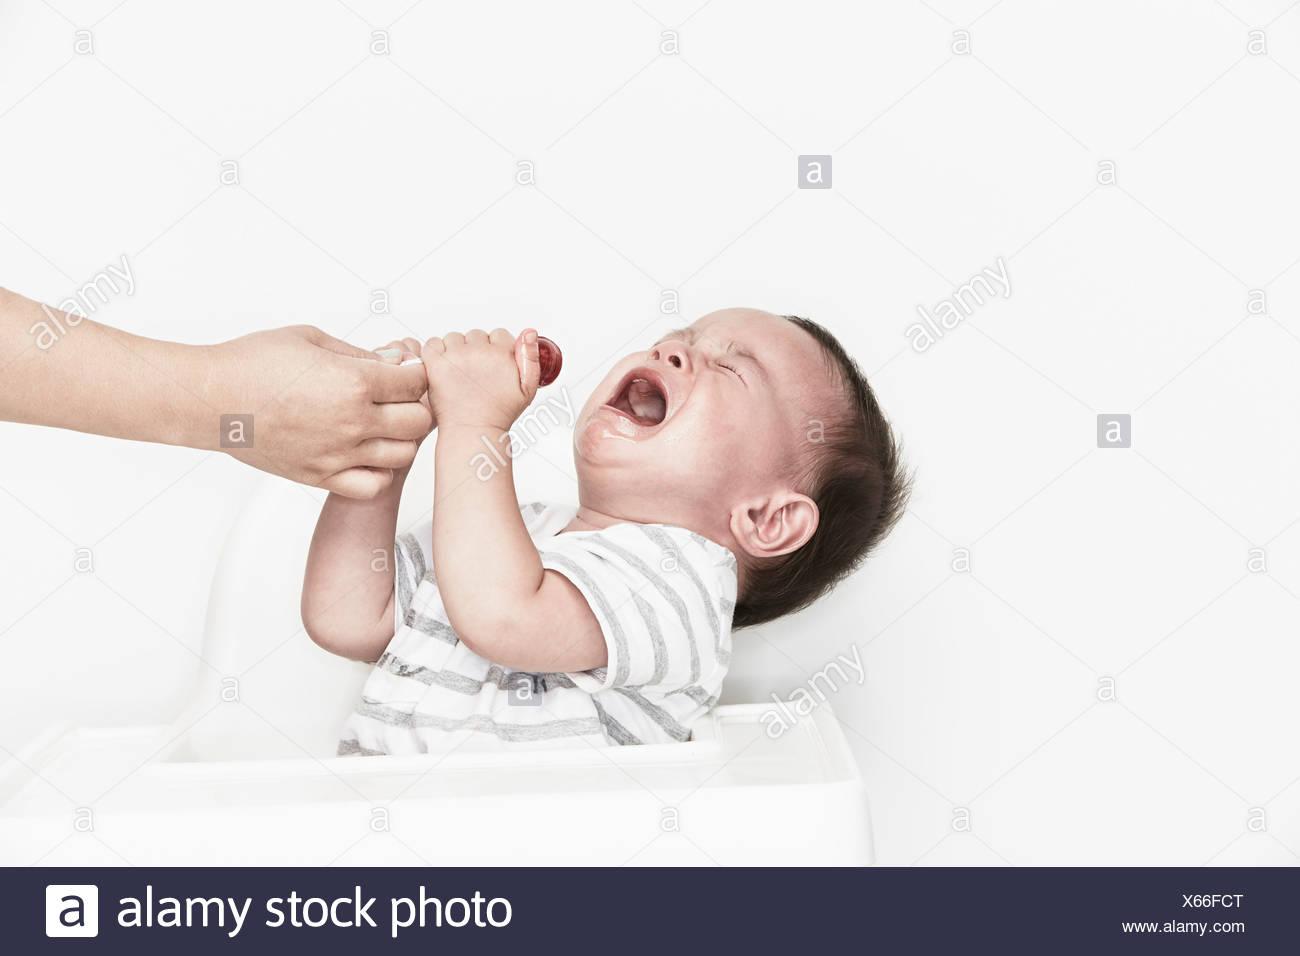 En tenant la main de sucette de bébé qui pleure Photo Stock